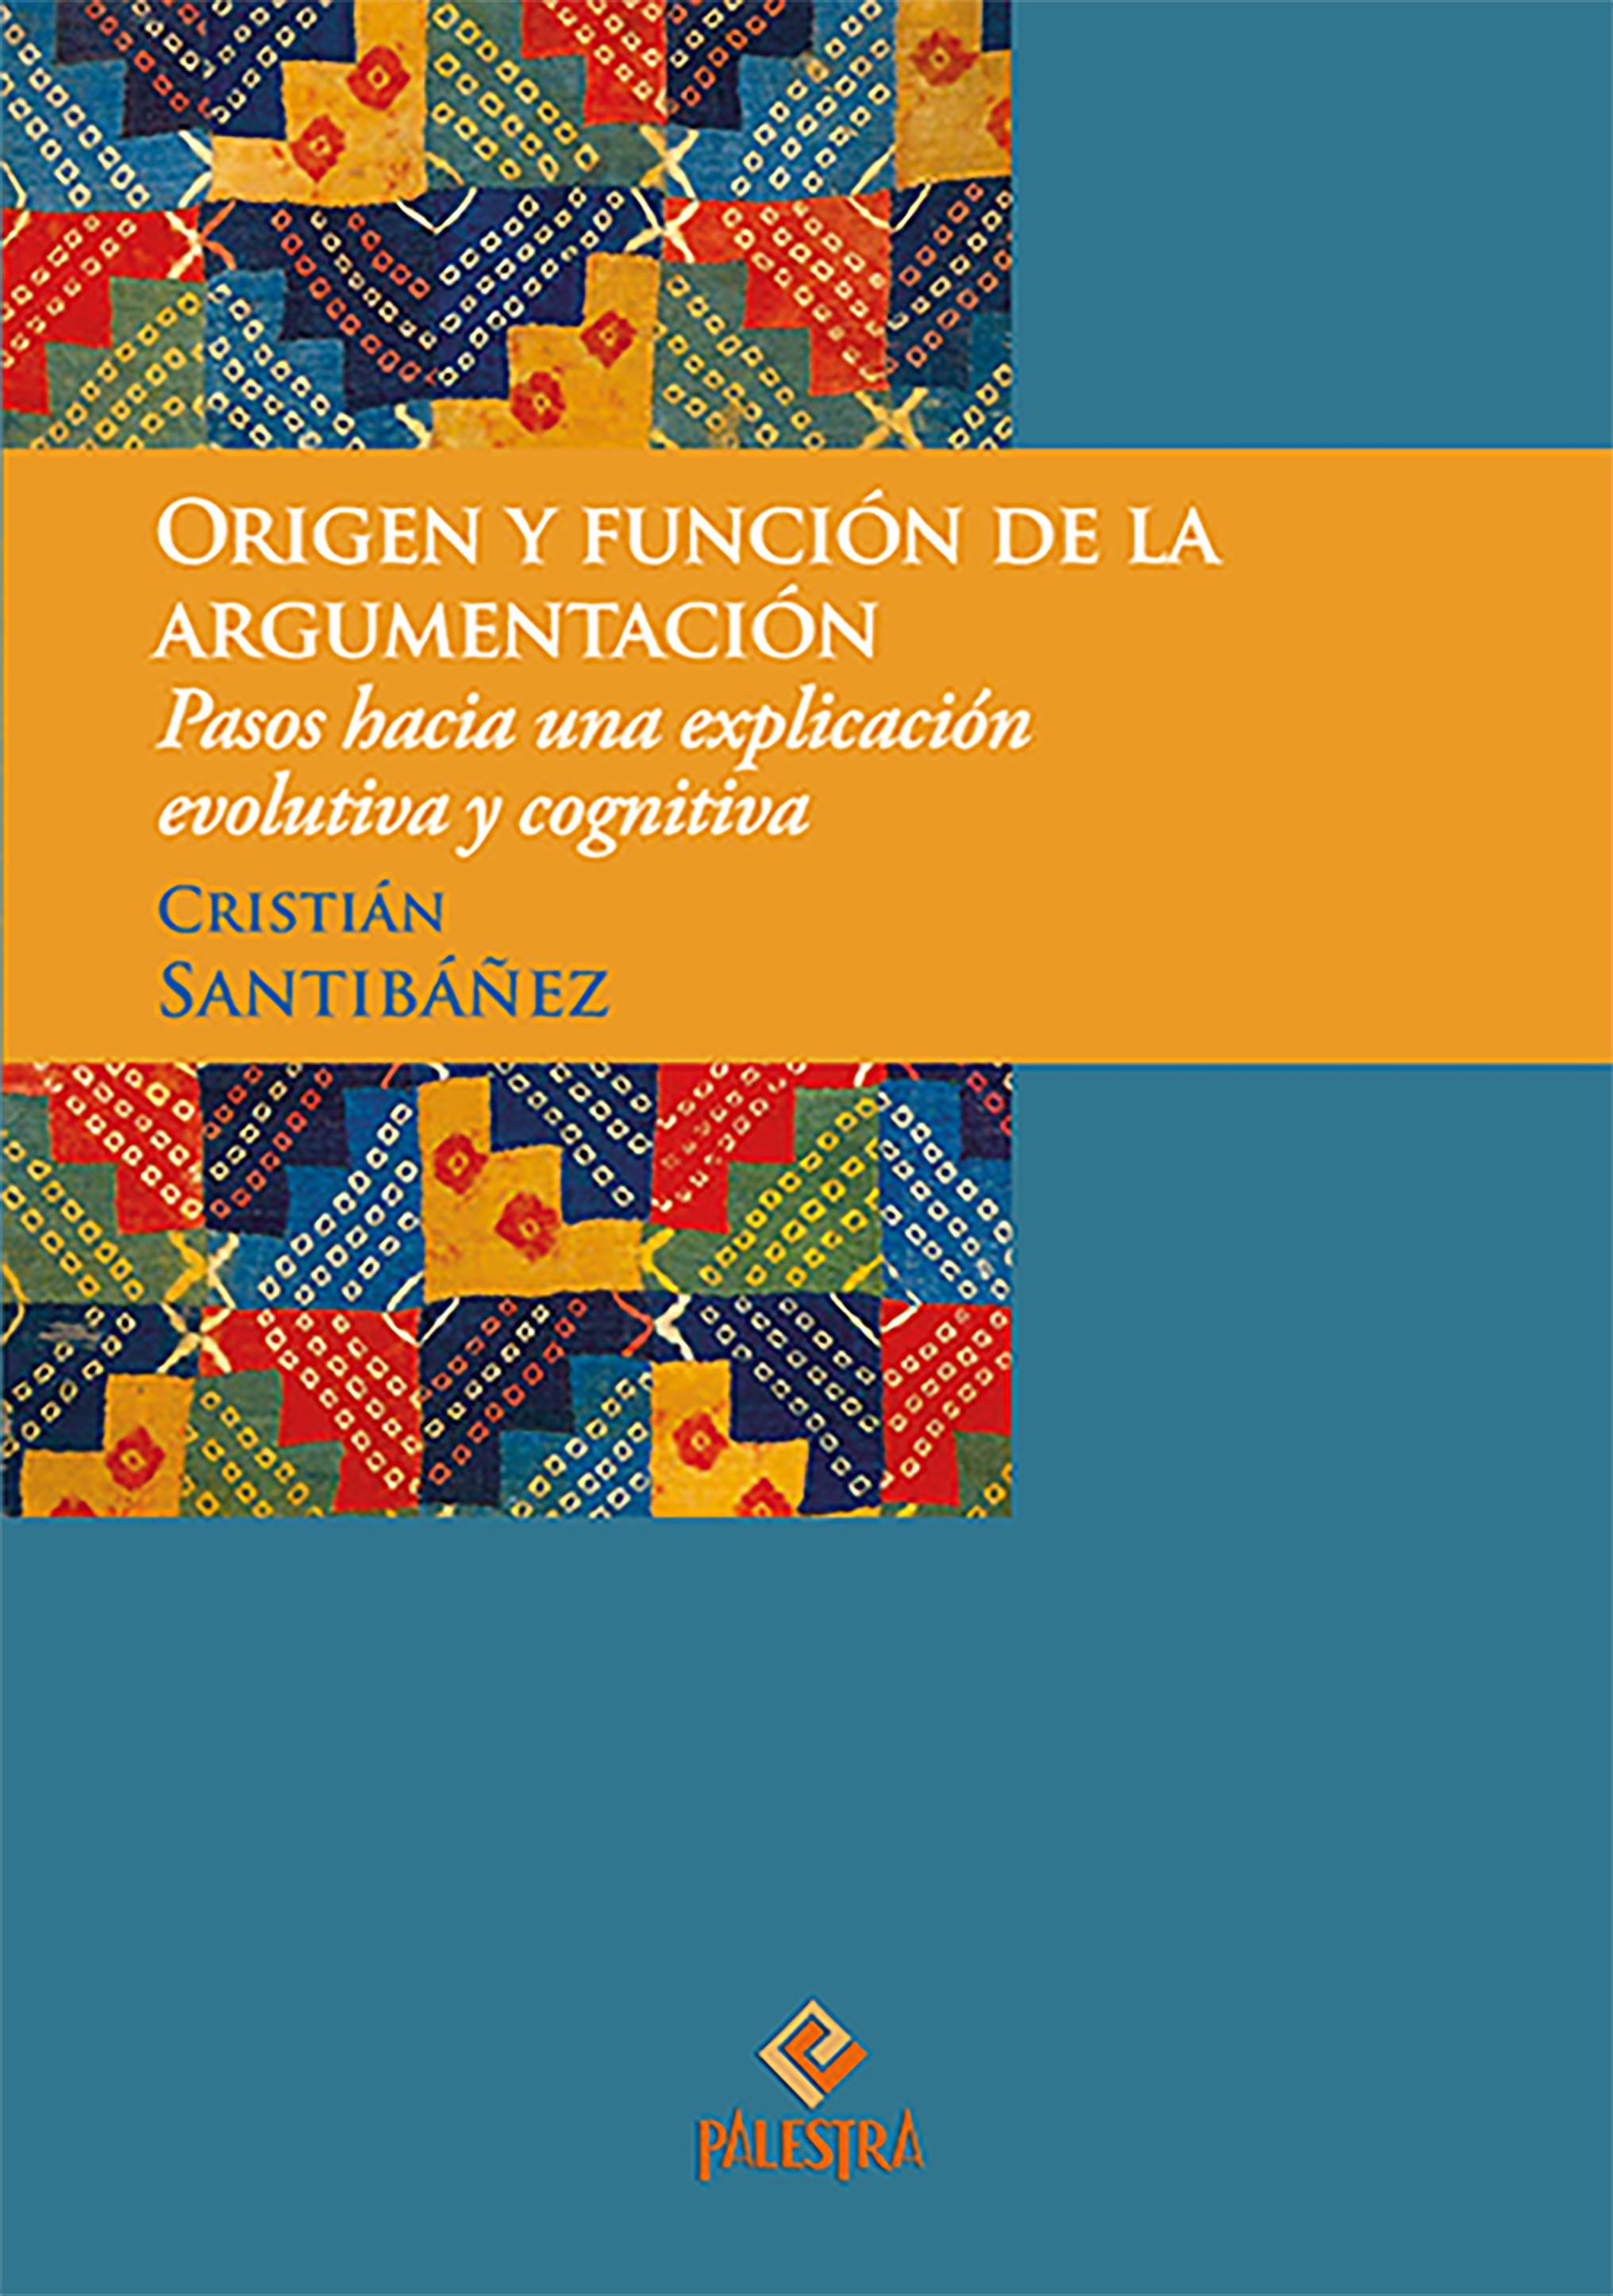 Origen y función de la argumentación